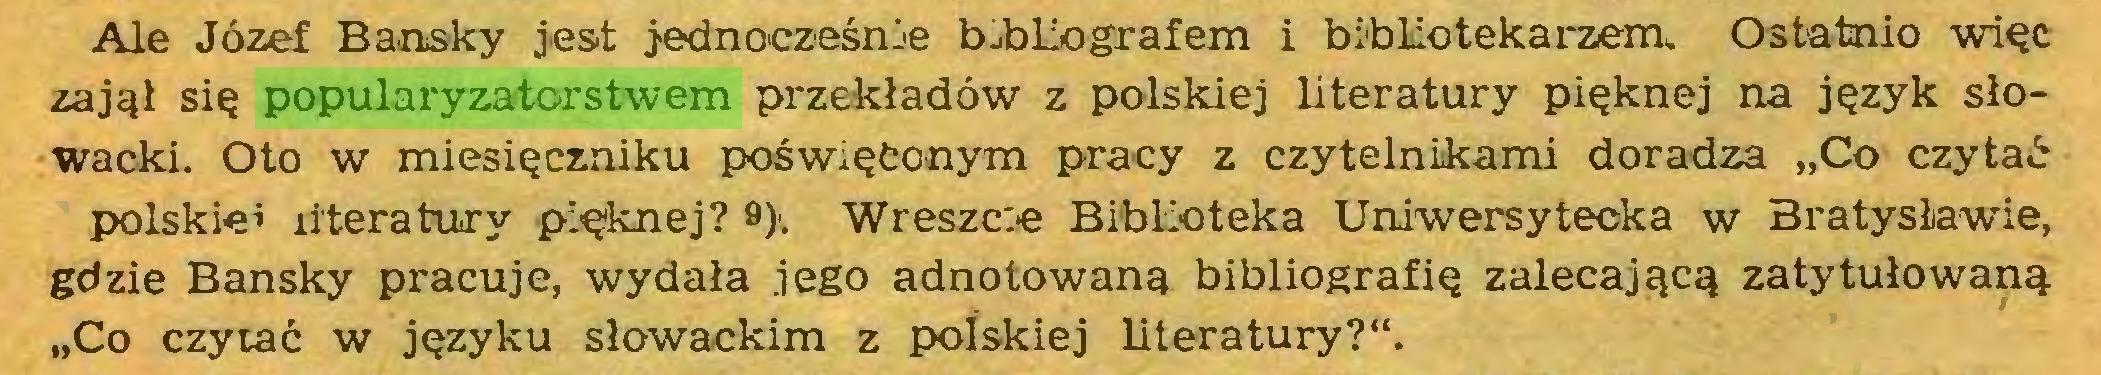 """(...) Ale Józef Bansky jest j^nocześnie bibliografem i bibliotekarzem. Ostatnio więc zajął się popularyzatorstwem przekładów z polskiej literatury pięknej na język słowacki. Oto w miesięczniku poświęconym pracy z czytelnikami doradza """"Co czytać polskie* literatury pięknej? 9). Wreszcie Biblioteka Uniwersytecka w Bratysławie, gdzie Bansky pracuje, wydała jego adnotowaną bibliografię zalecającą zatytułowaną """"Co czytać w języku słowackim z polskiej literatury?""""..."""